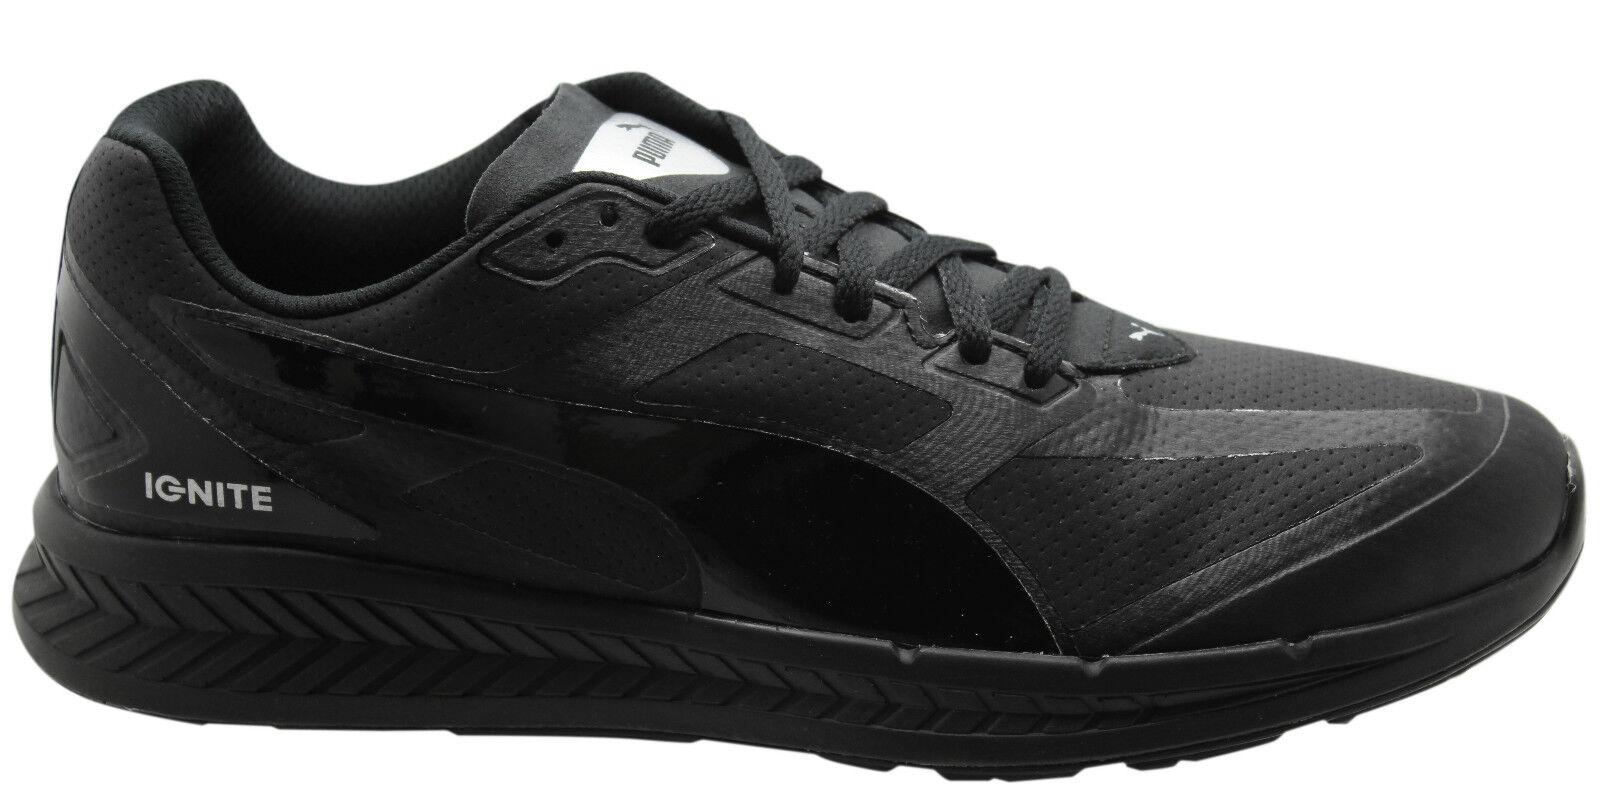 Puma Ignite Matt & deporte brillo señores zapatillas de deporte & zapatillas para correr unisex Deporte 359718 02 u89 15fa48